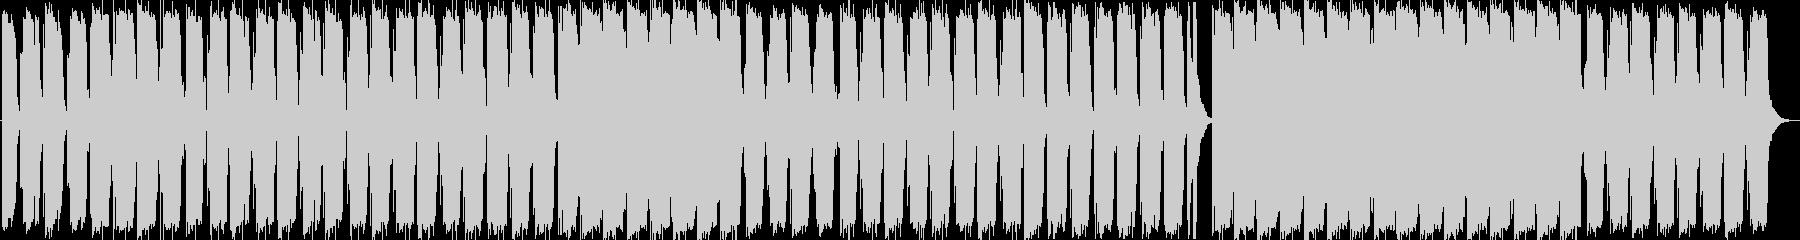 エモくて切ない R&B/HIPHOPの未再生の波形